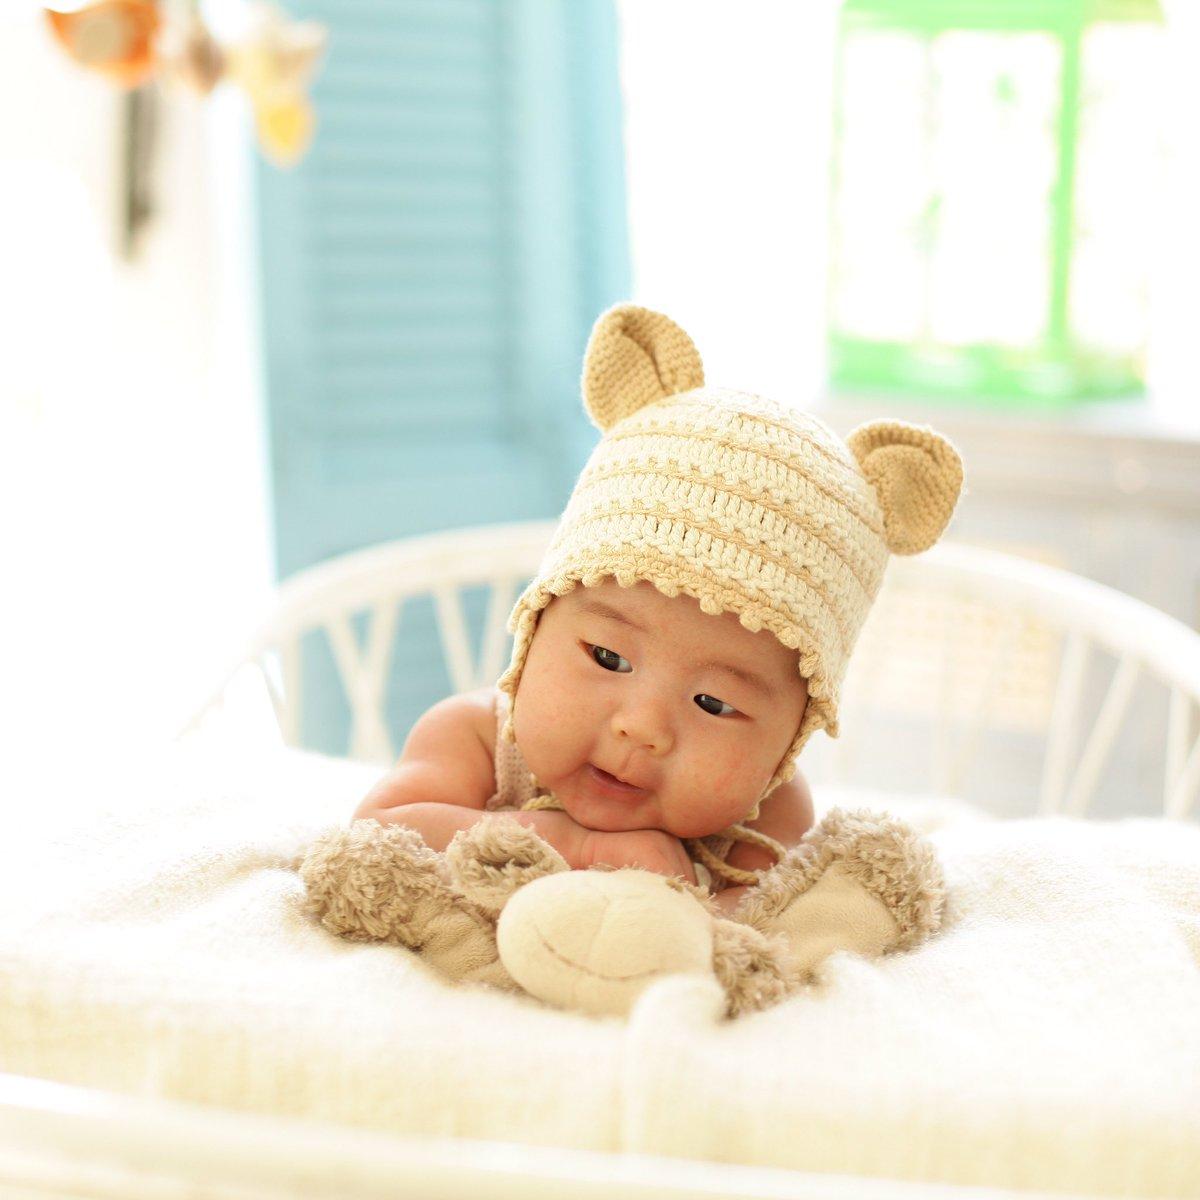 Cuty baby